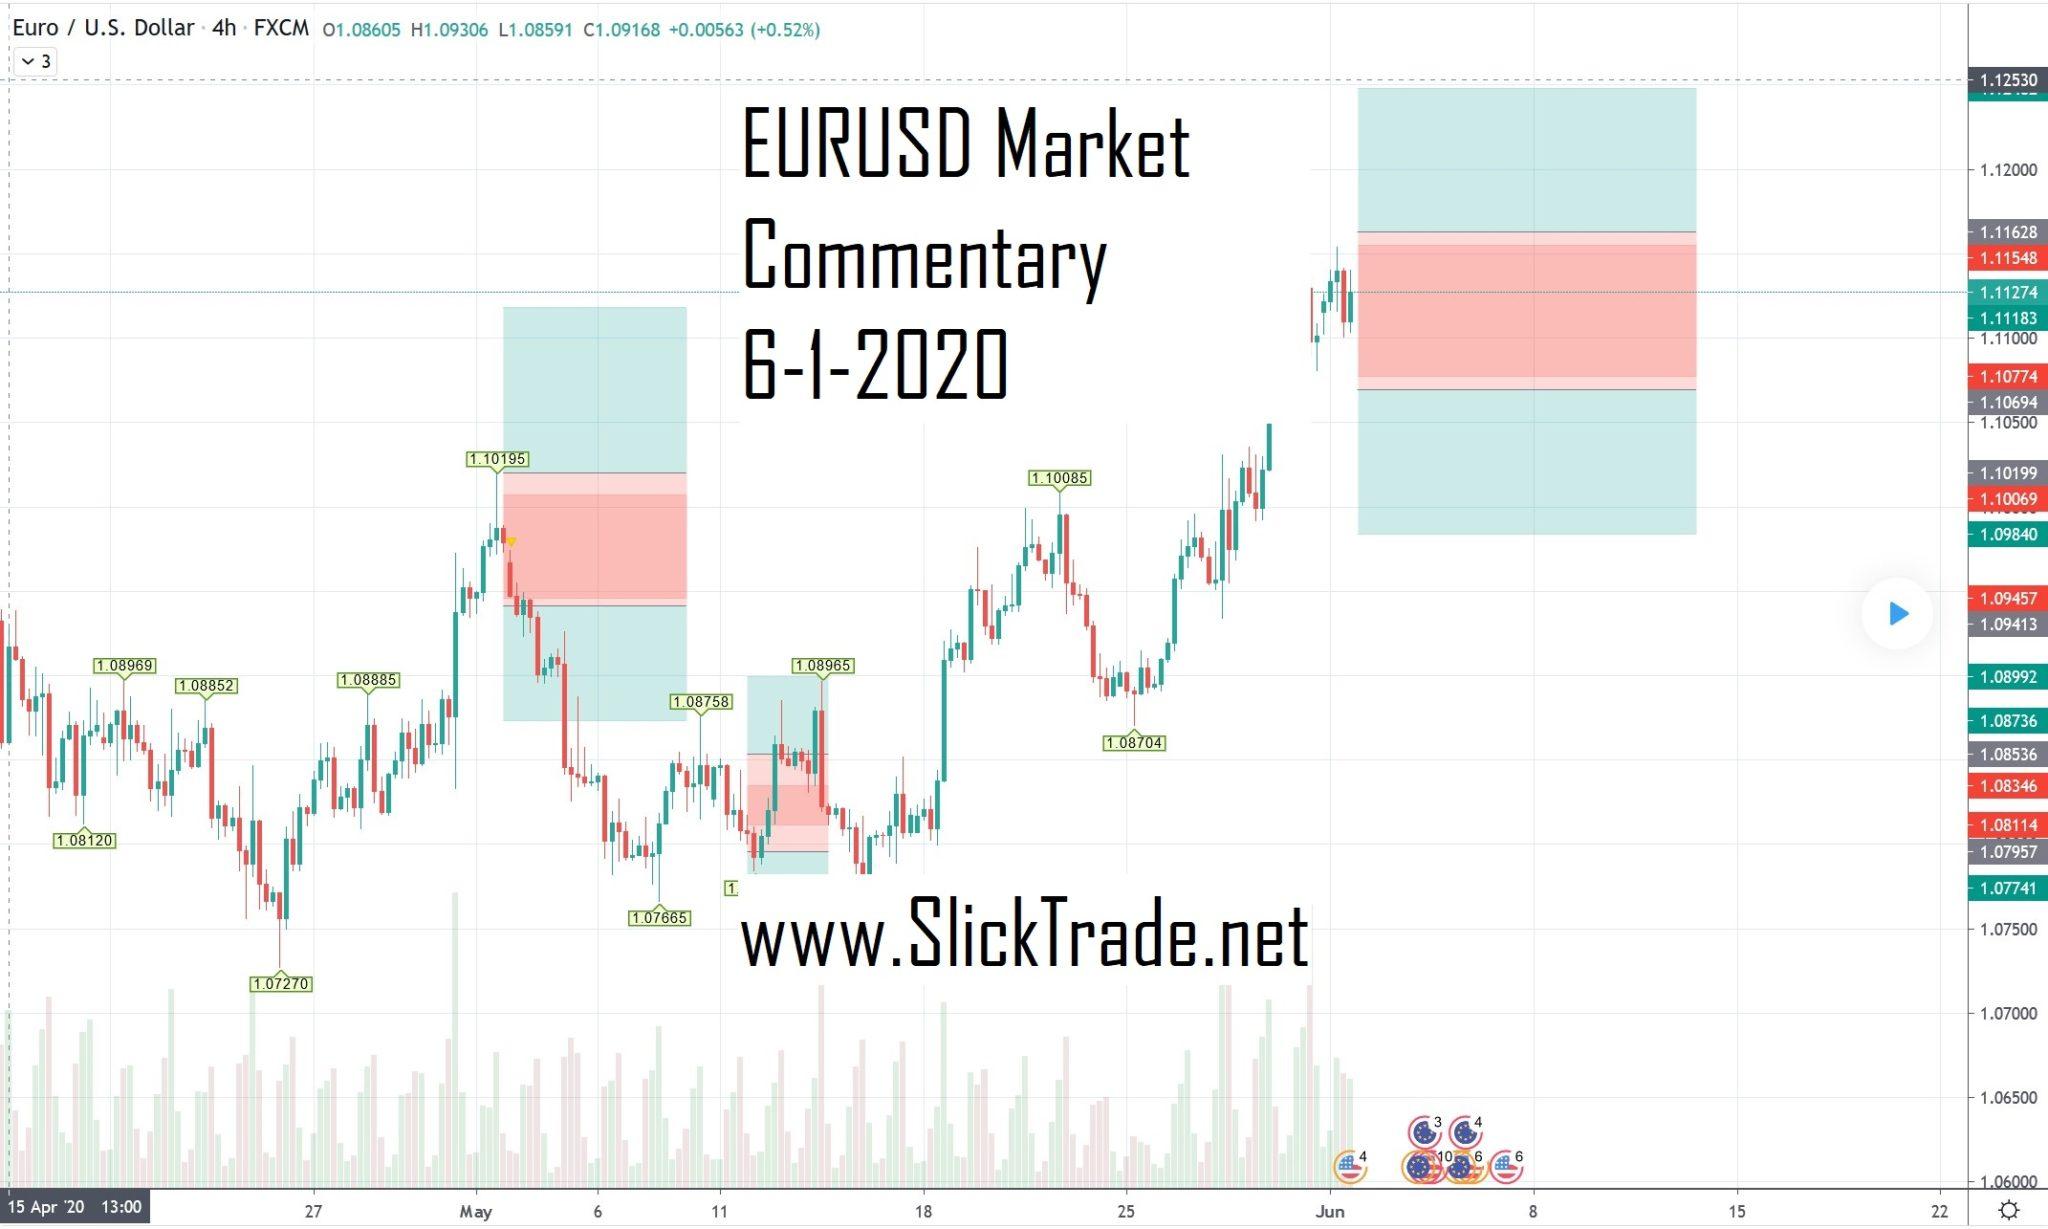 eurusd market commentary h4 6-1-2020 2